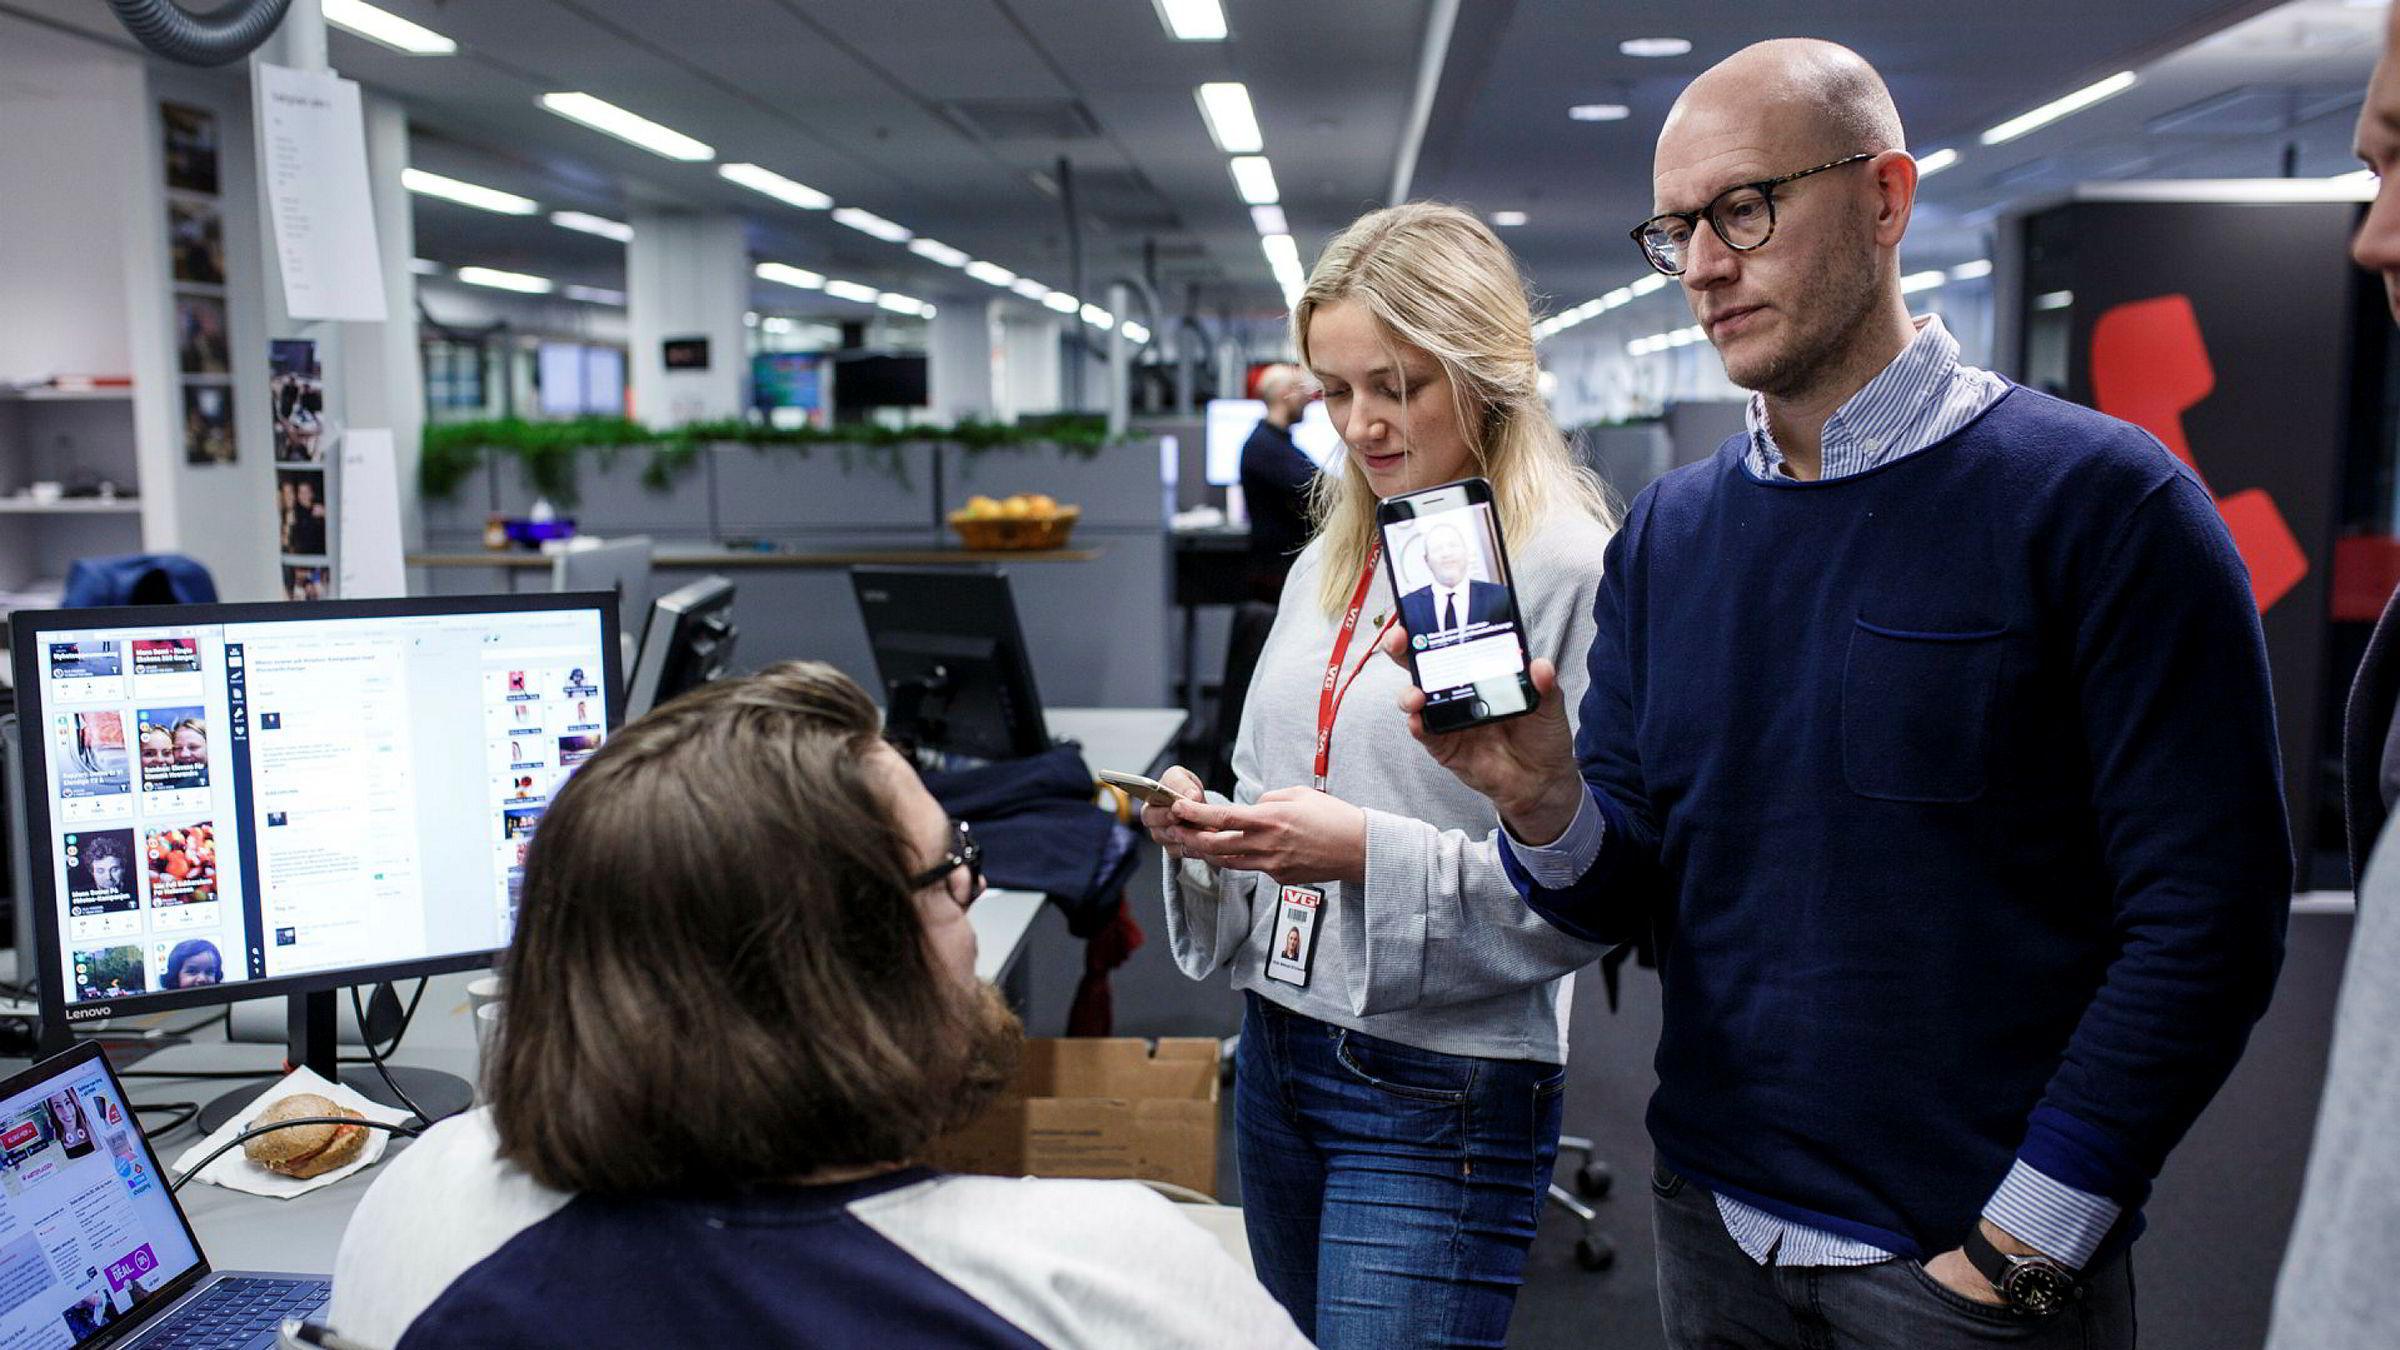 Journalistene Ole-Fredrik Lambertsen (til venstre) og Vilde Mebust Erichsen og digitalredaktør Ola E. Stenberg med VGs nyhetsapp Peil.